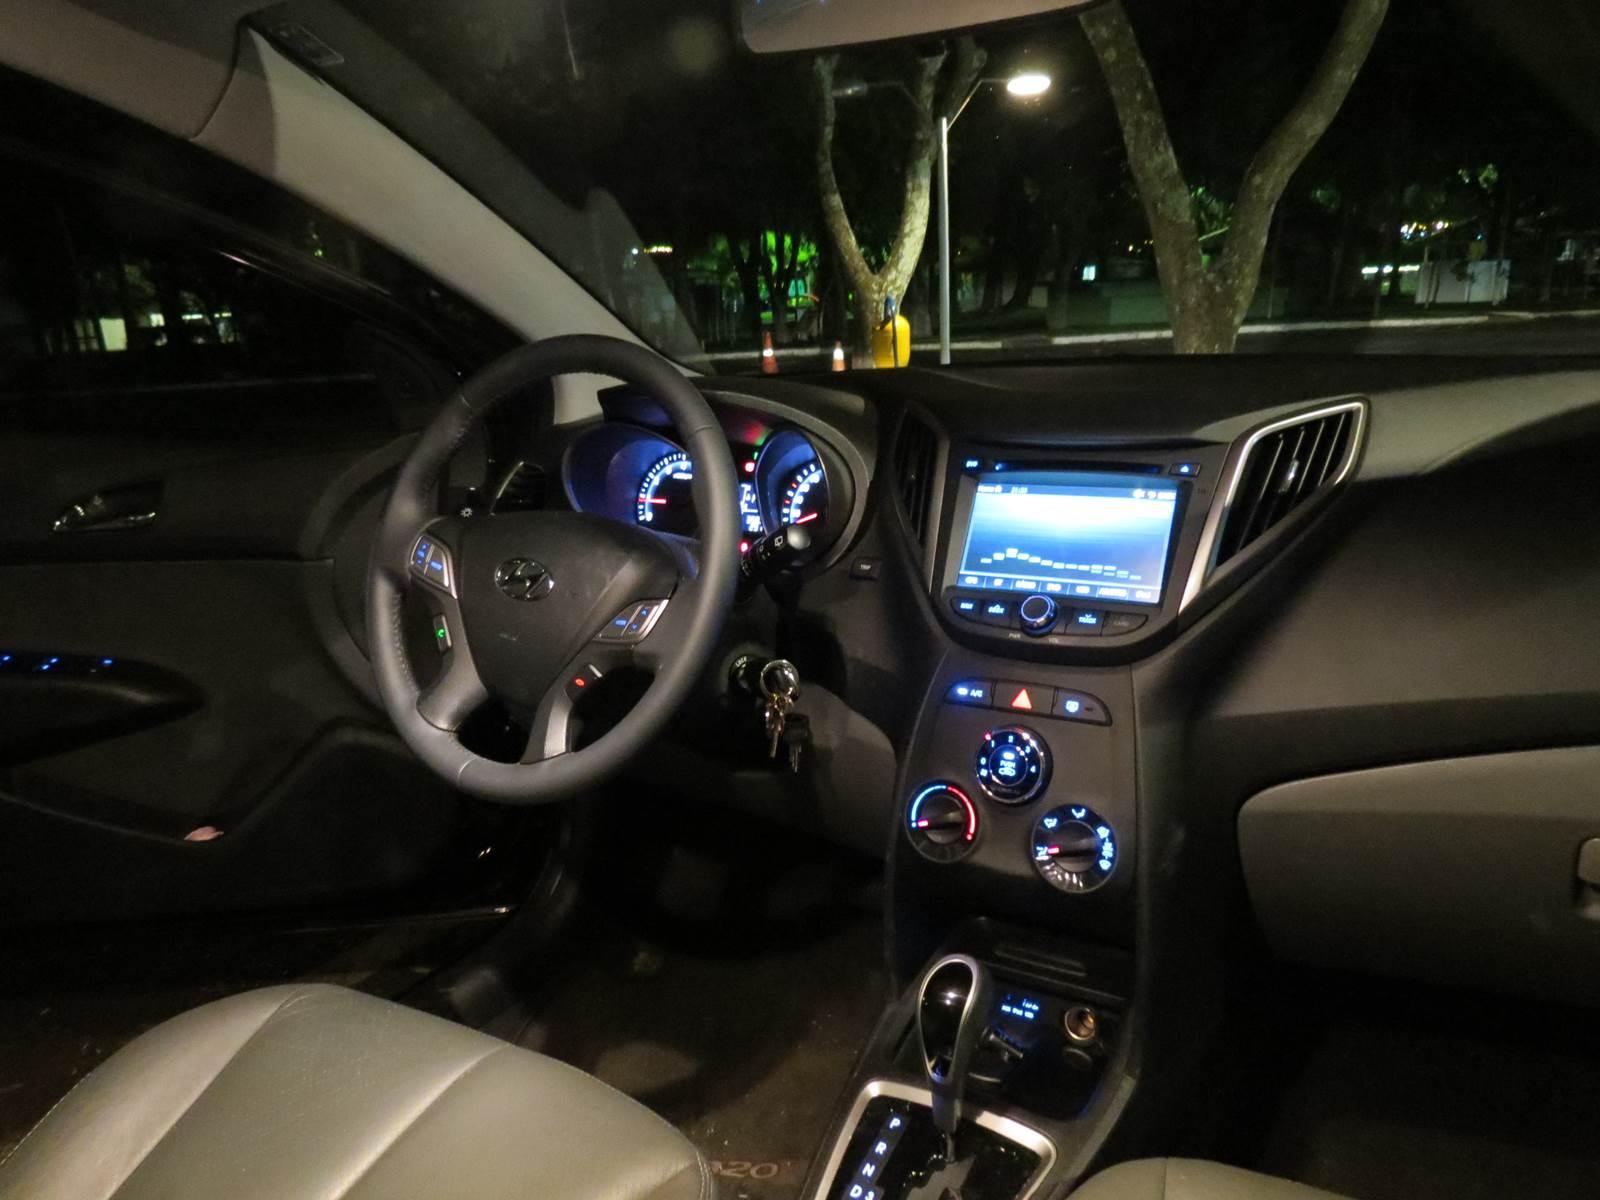 Hyundai HB20 1.6 Automático - interior - iluminação noturna